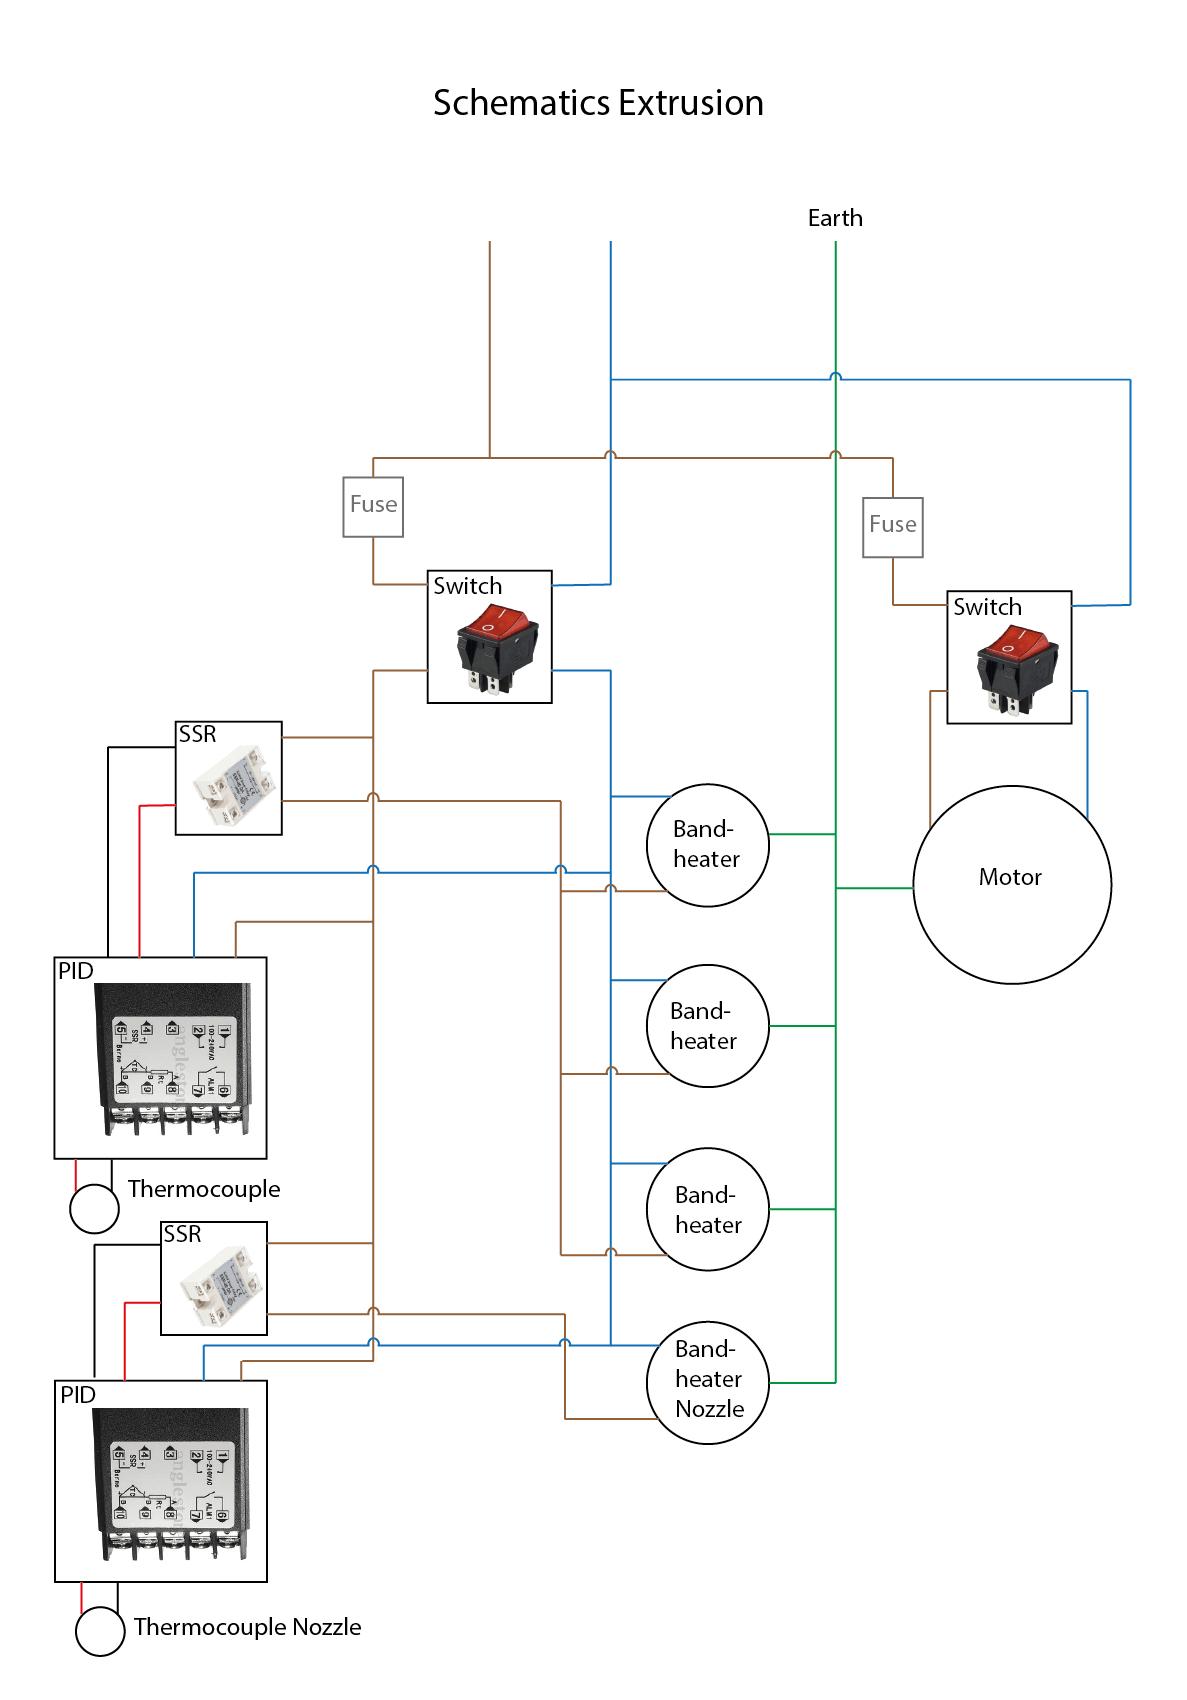 Phenomenal Dd15 Wiring Diagram Pid 168 Online Wiring Diagram Wiring Digital Resources Otenewoestevosnl